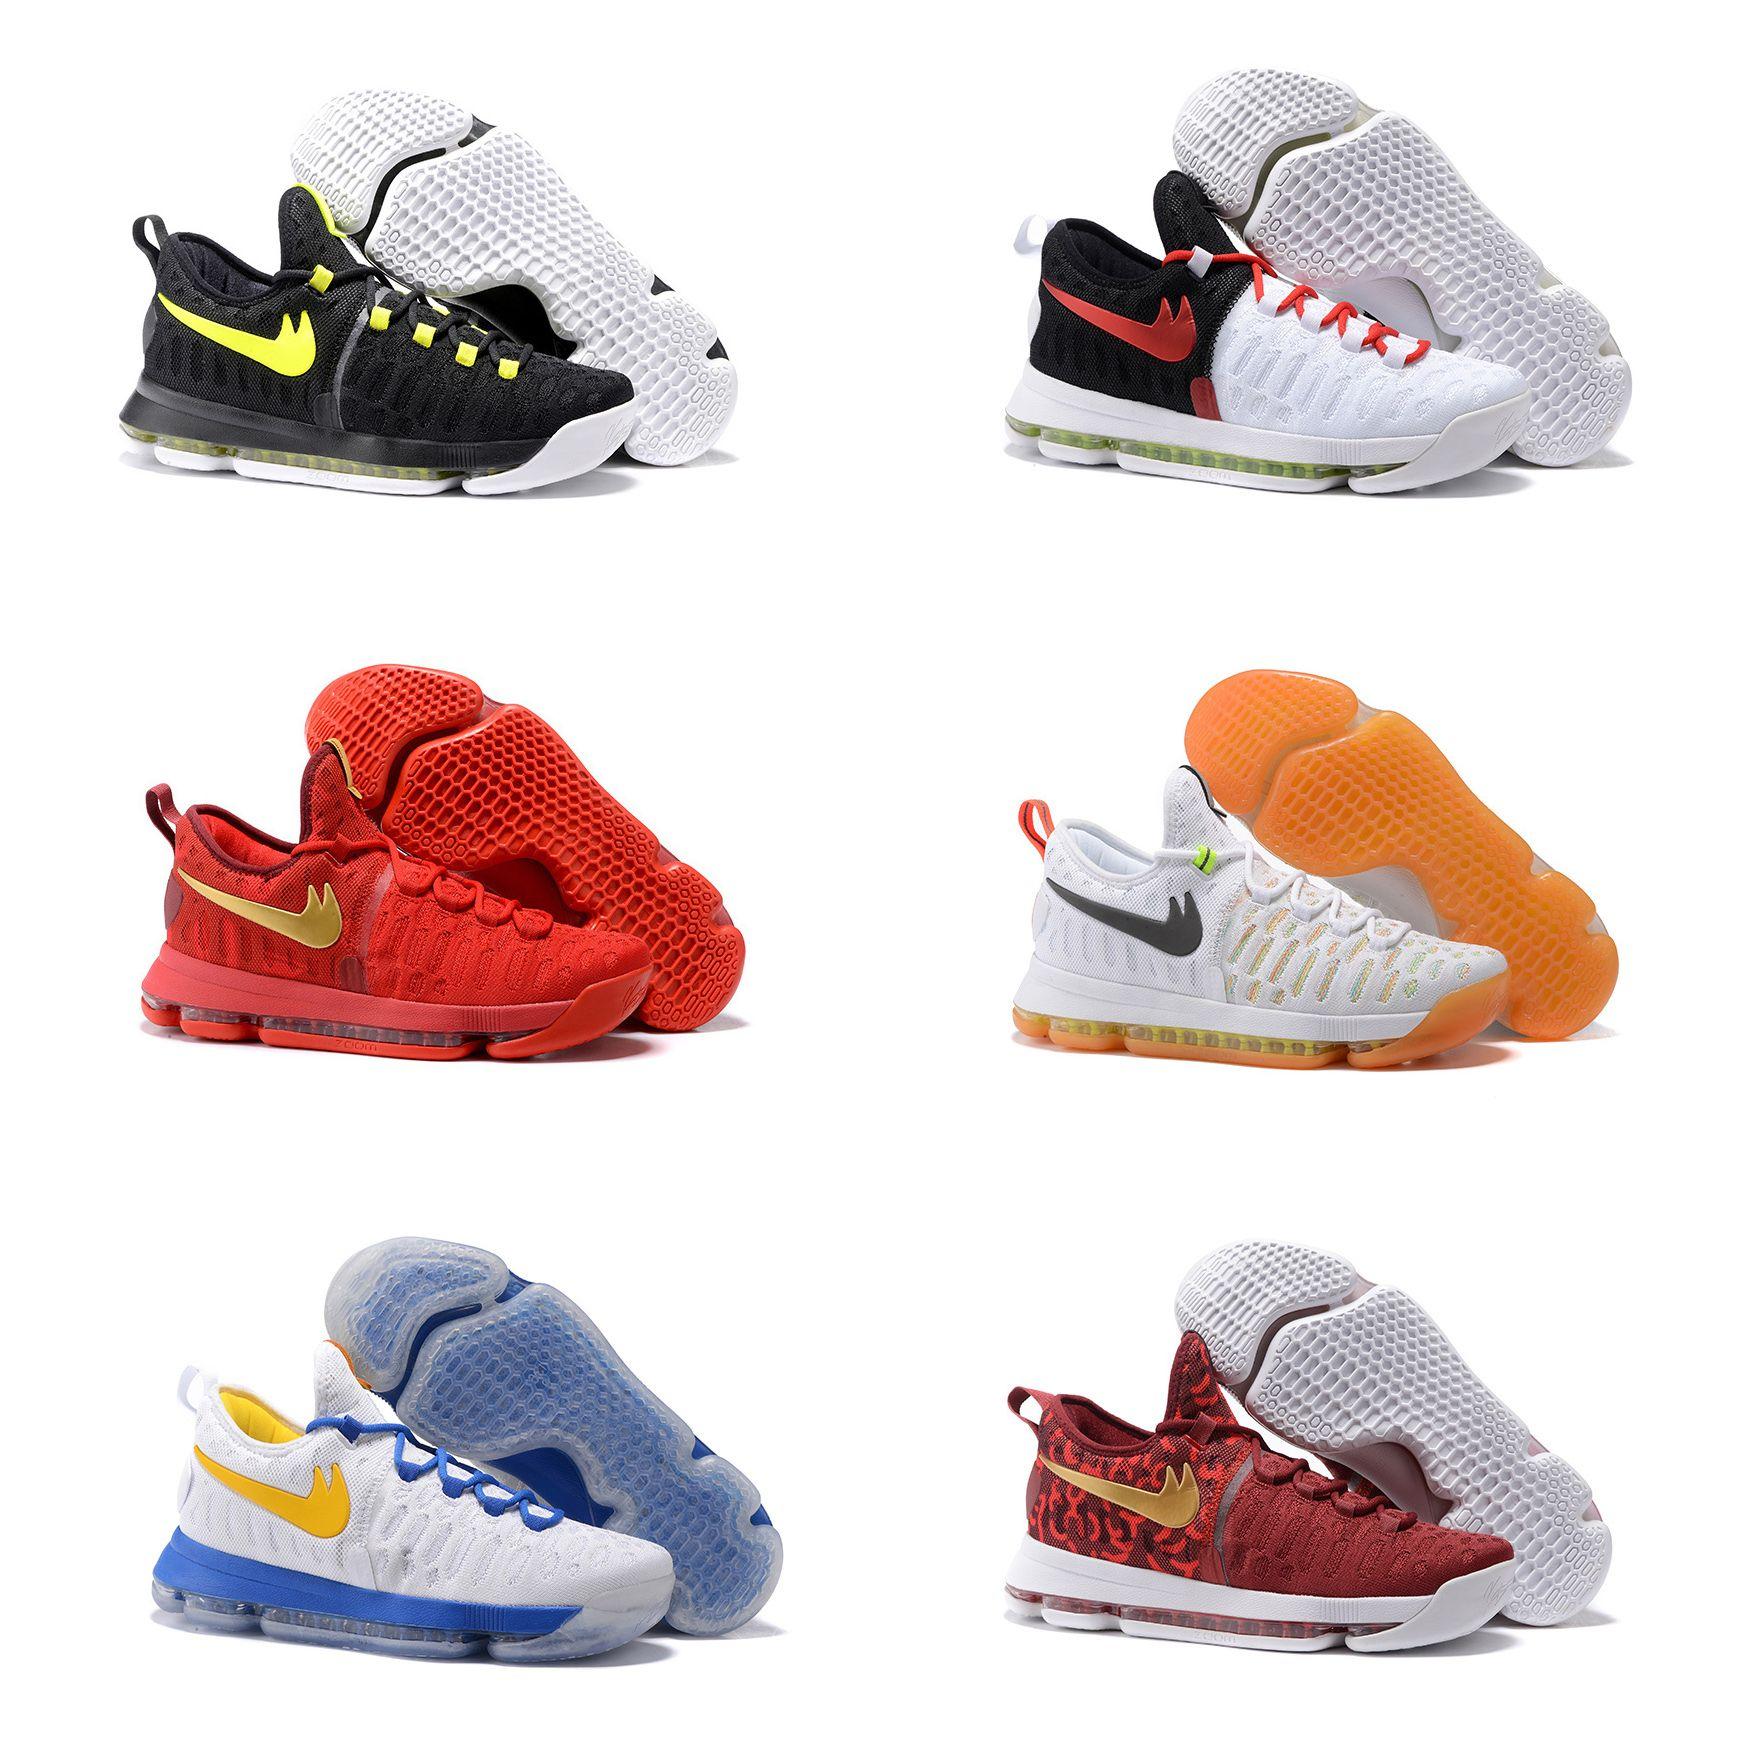 kd 9 shoe low cut